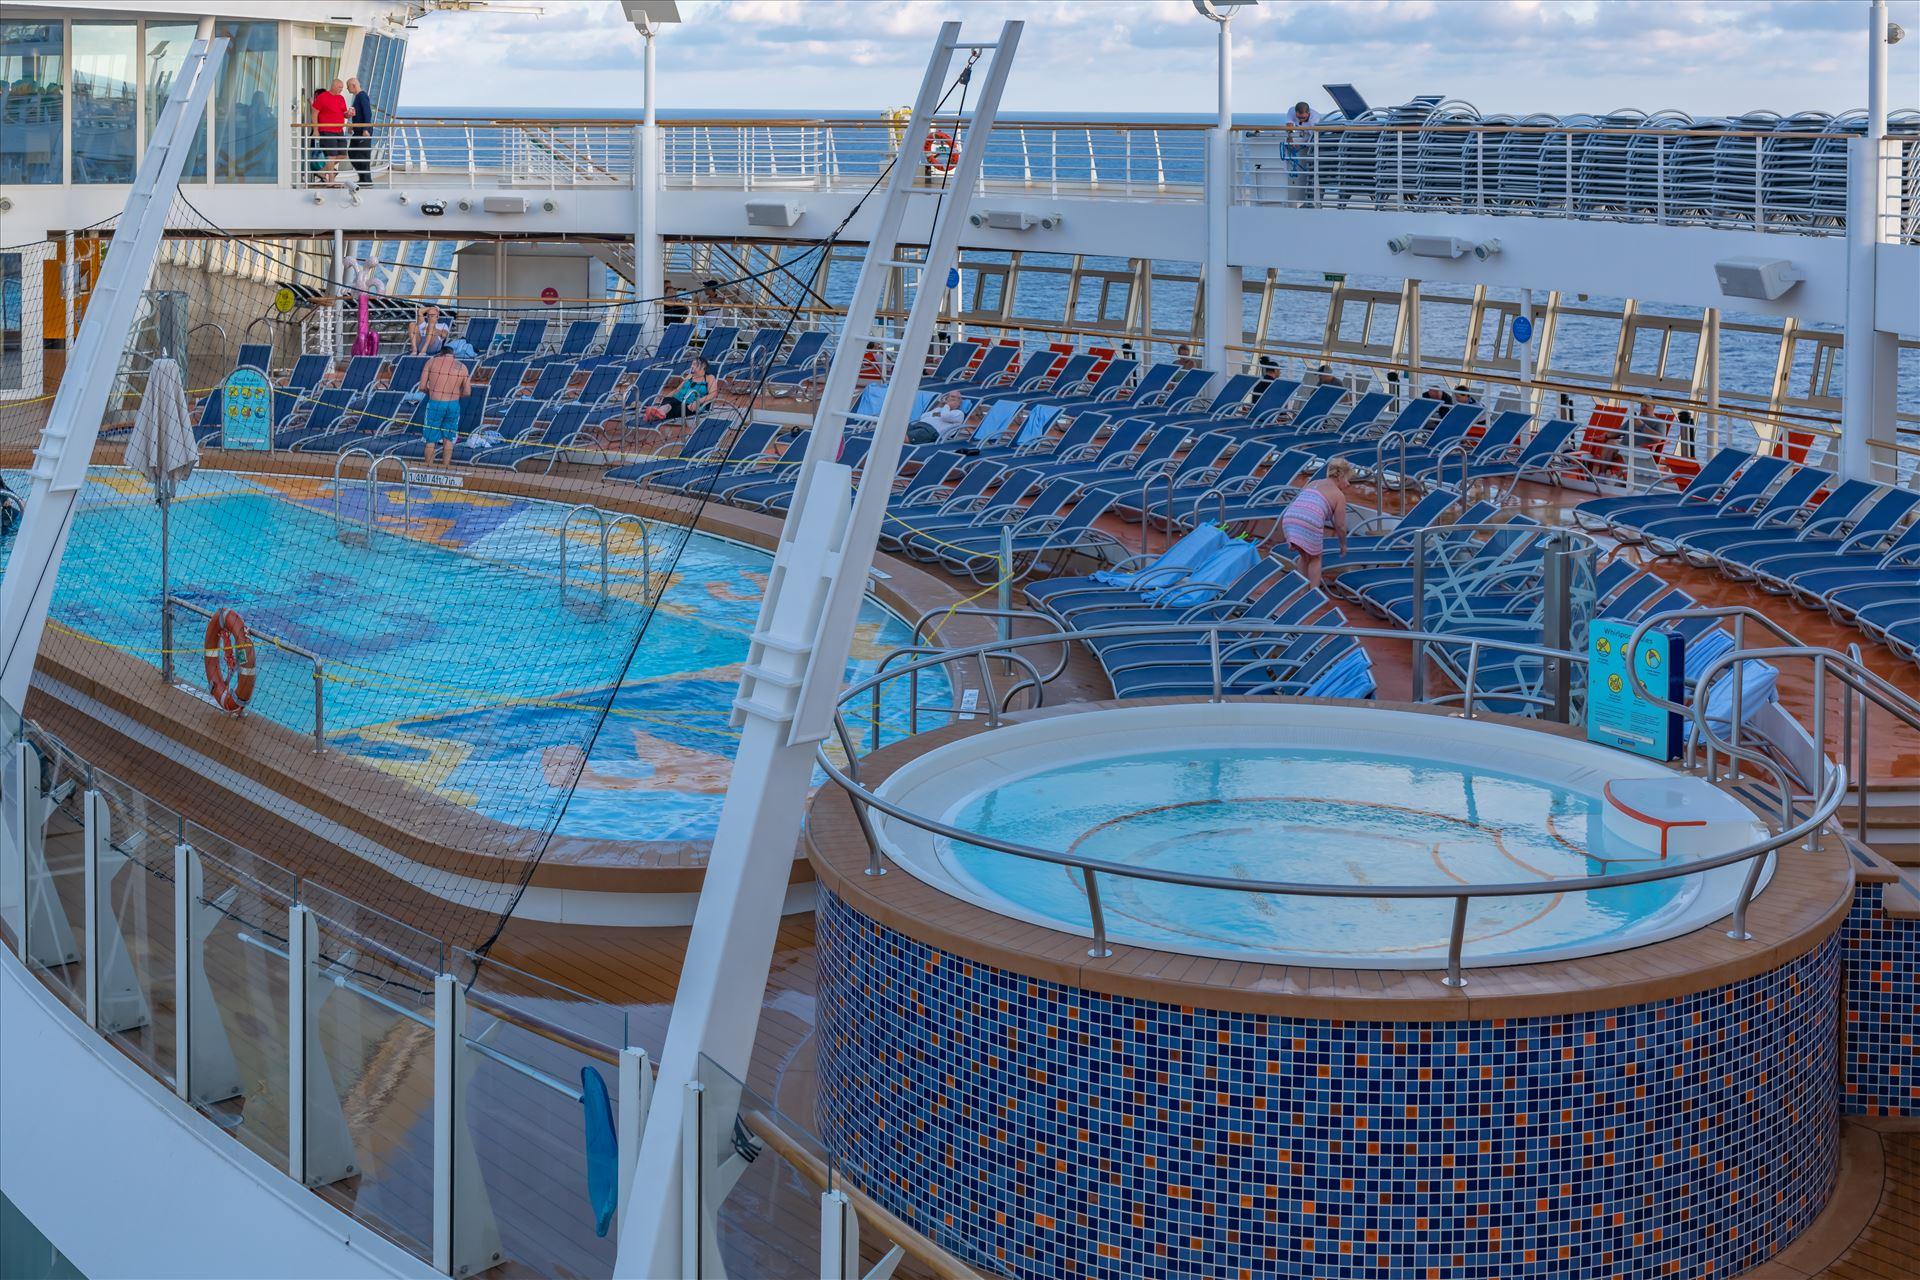 harmony of the seas harmony of the seas cruise February 17-24 2019 by Terry Kelly Photography